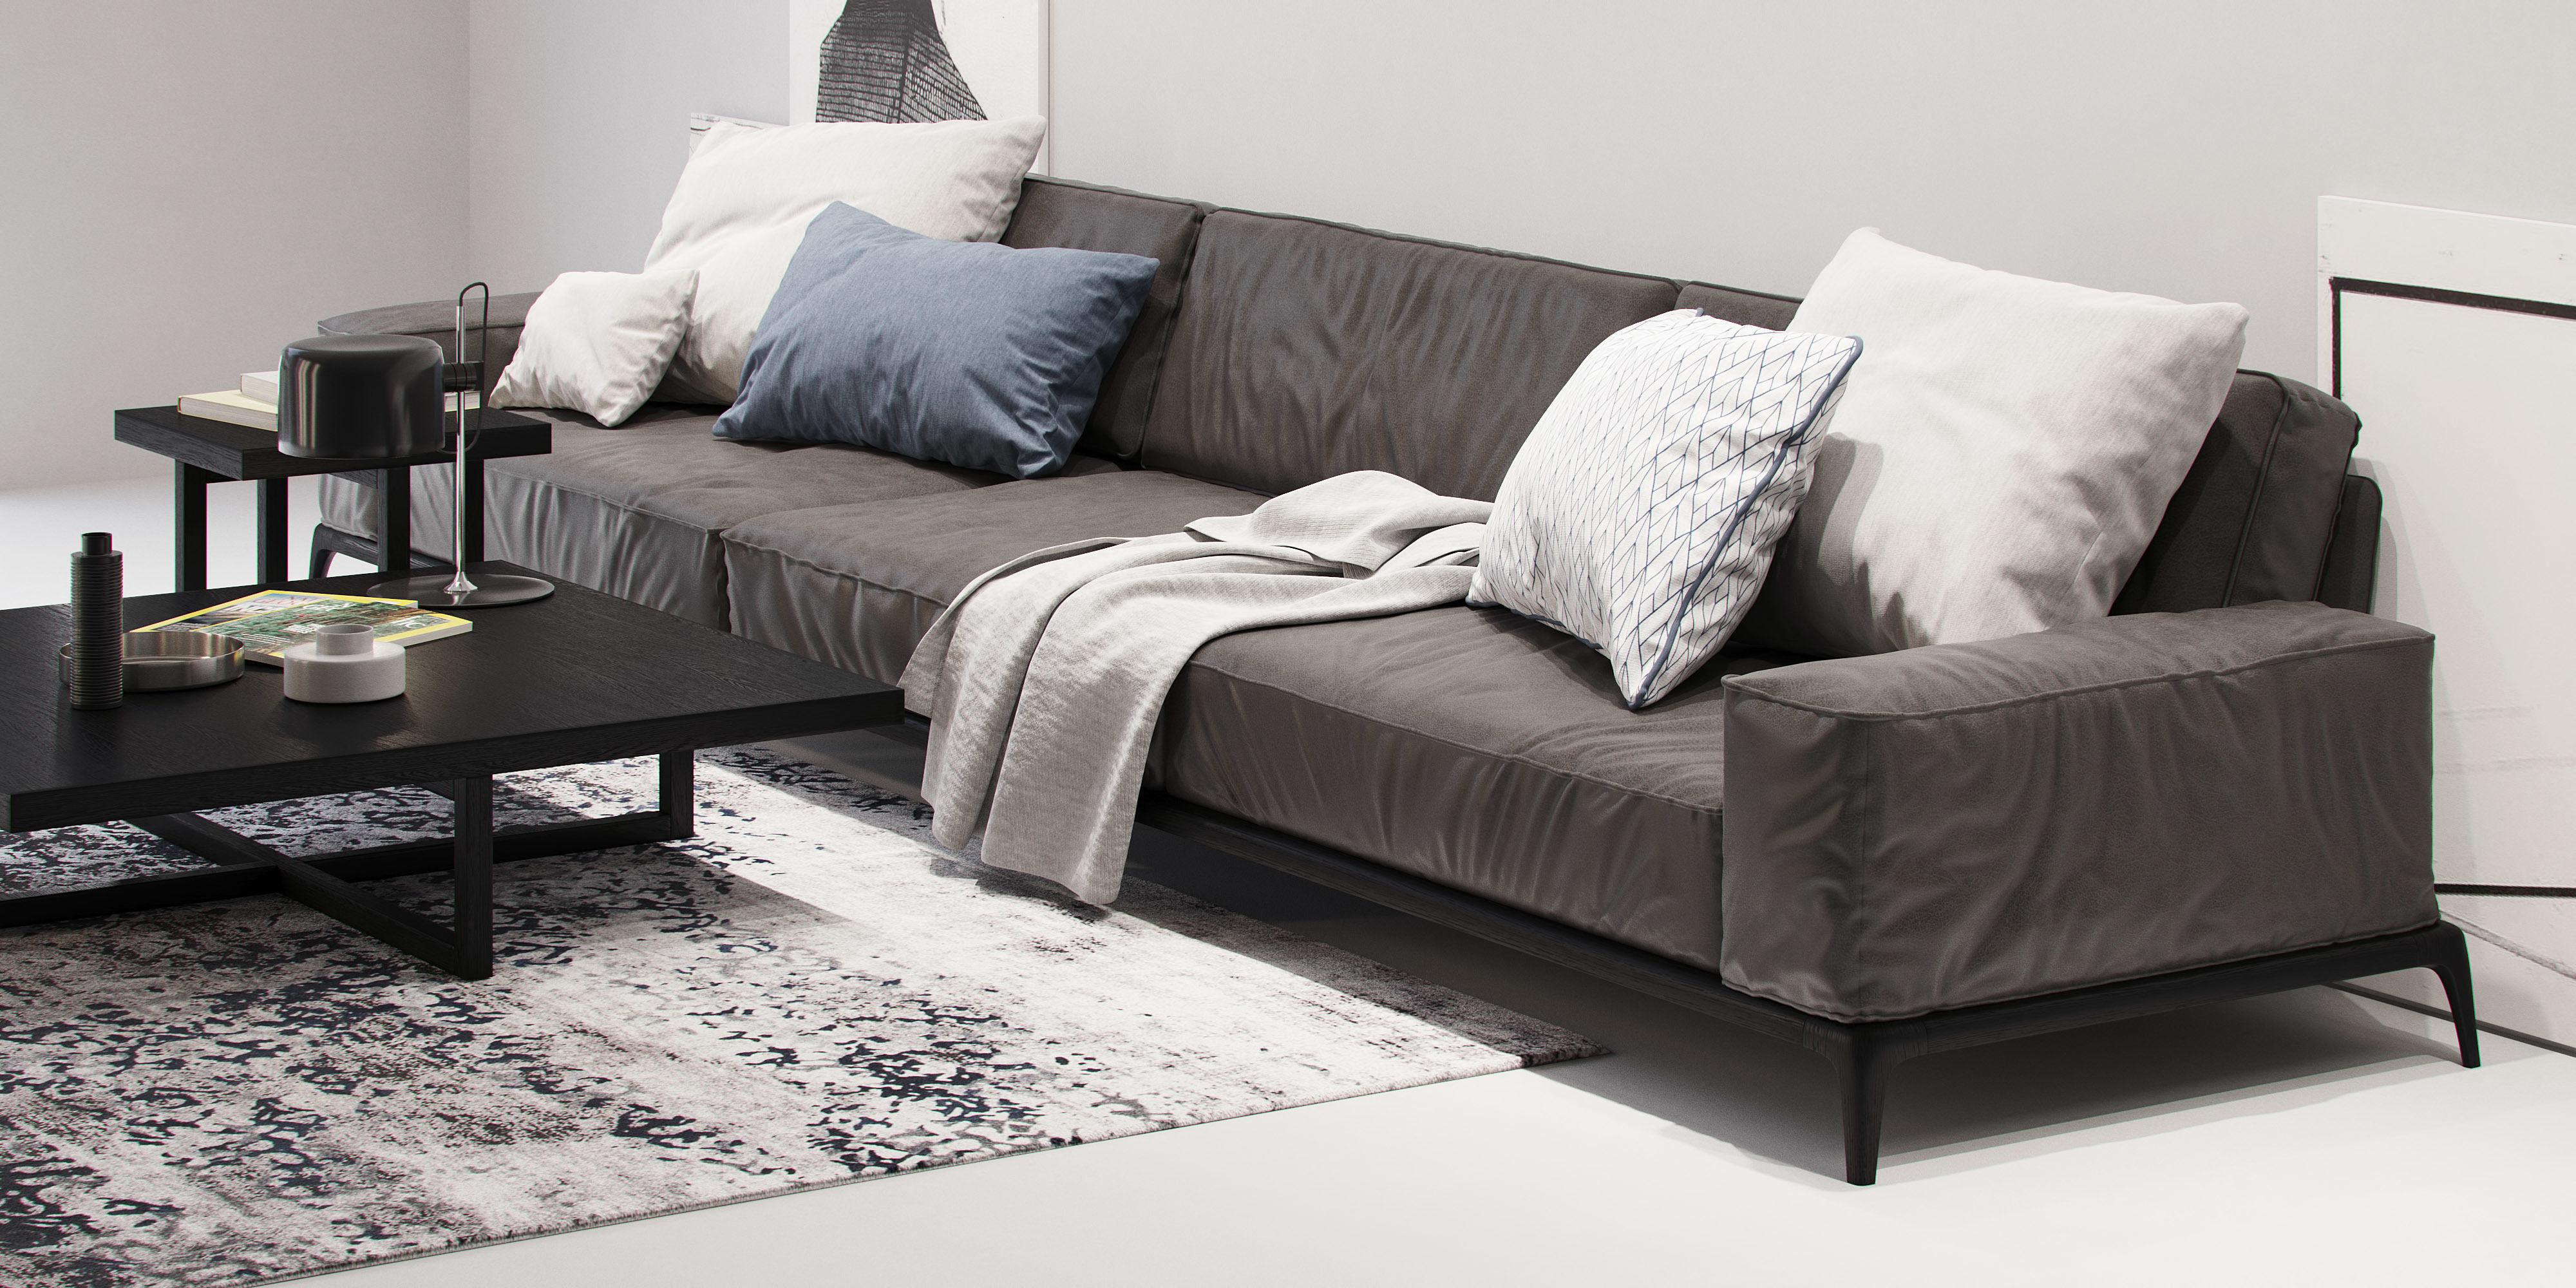 Poliform Park Sofa 2 Model Max Obj Mtl 4